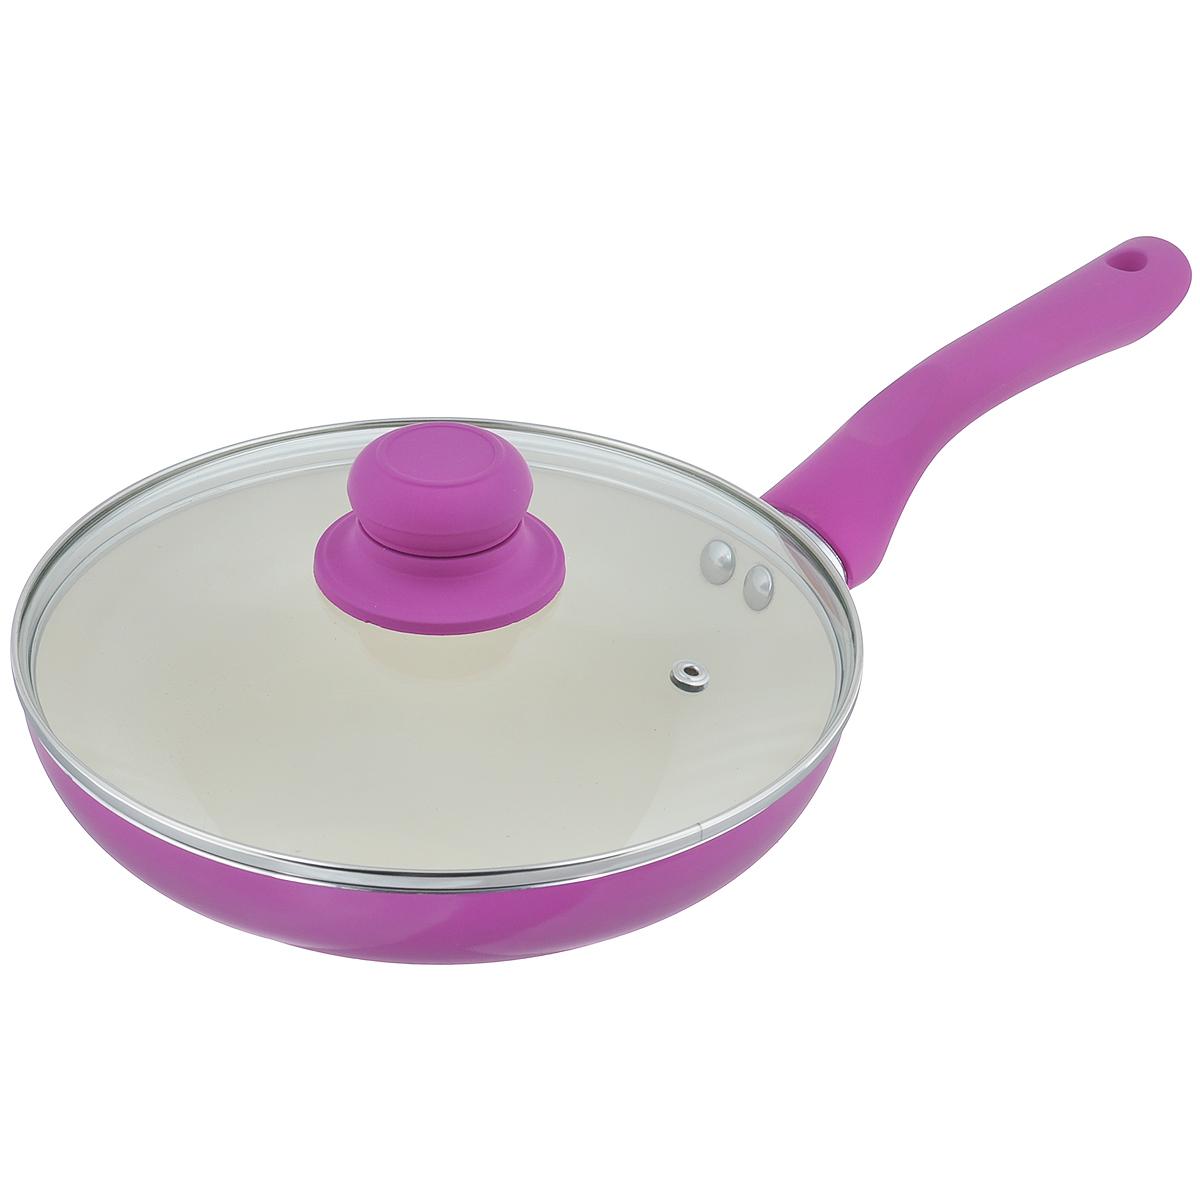 Сковорода Mayer & Boch с крышкой, с керамическим покрытием, цвет: фиолетовый. Диаметр 22 см. 2227422274Сковорода Mayer & Boch изготовлена из алюминия с высококачественным керамическим покрытием. Керамика не содержит вредных примесей ПФОК, что способствует здоровому и экологичному приготовлению пищи. Кроме того, с таким покрытием пища не пригорает и не прилипает к стенкам, поэтому можно готовить с минимальным добавлением масла и жиров. Гладкая, идеально ровная поверхность сковороды легко чистится, ее можно мыть в воде руками или вытирать полотенцем.Эргономичная ручка специального дизайна выполнена из силикона. Сковорода оснащена крышкой из жаропрочного стекла с пароотводом.Сковорода подходит для использования на газовых и электрических плитах. Также изделие можно мыть в посудомоечной машине.Высота стенки: 4,5 см. Толщина стенки: 2,3 мм. Толщина дна: 3 мм. Длина ручки: 15 см. Диаметр дна: 13,5 см.